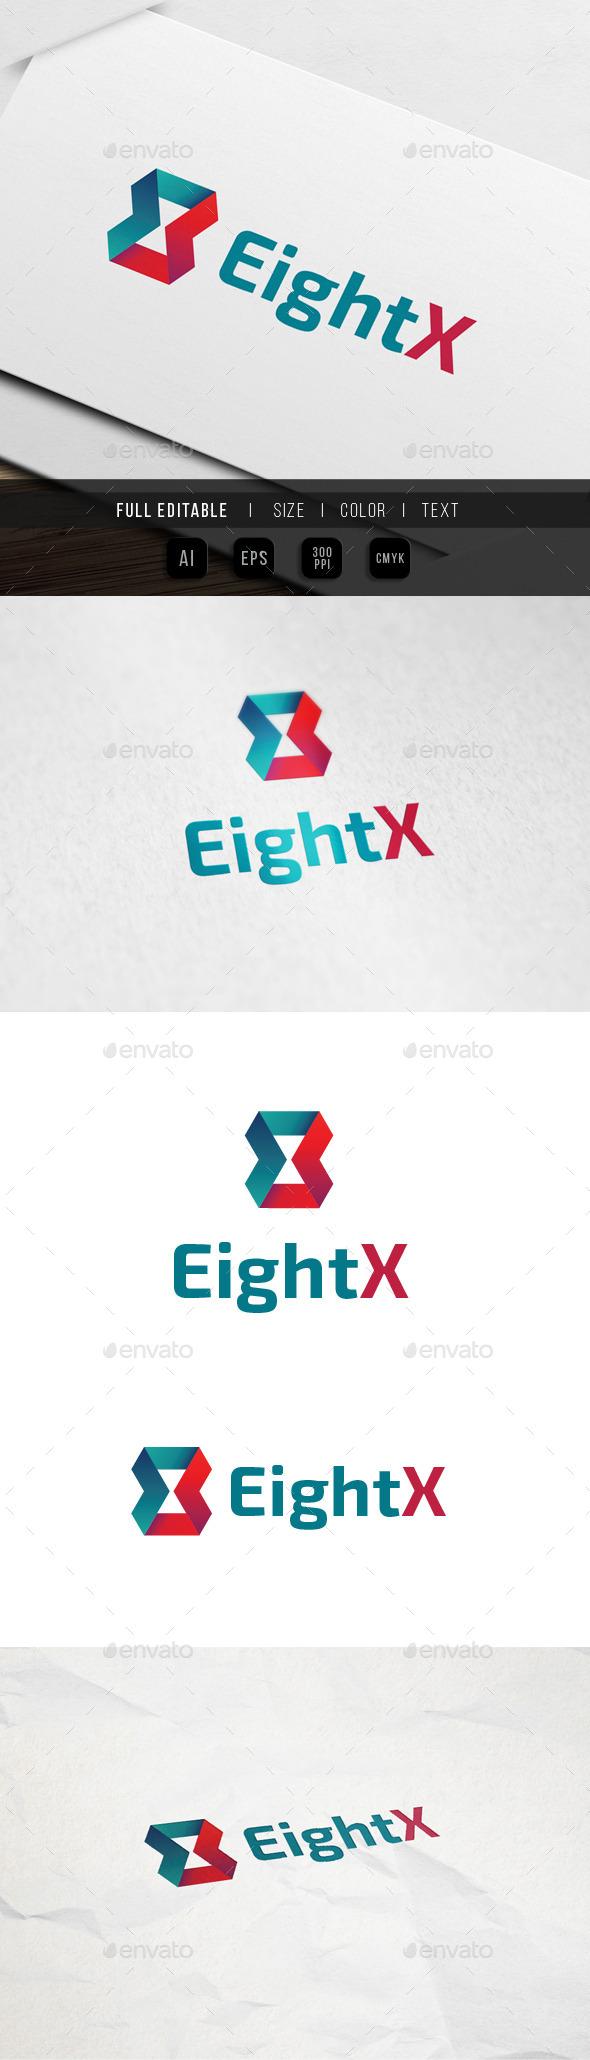 Eight x - Ribbon - Feedback Logo